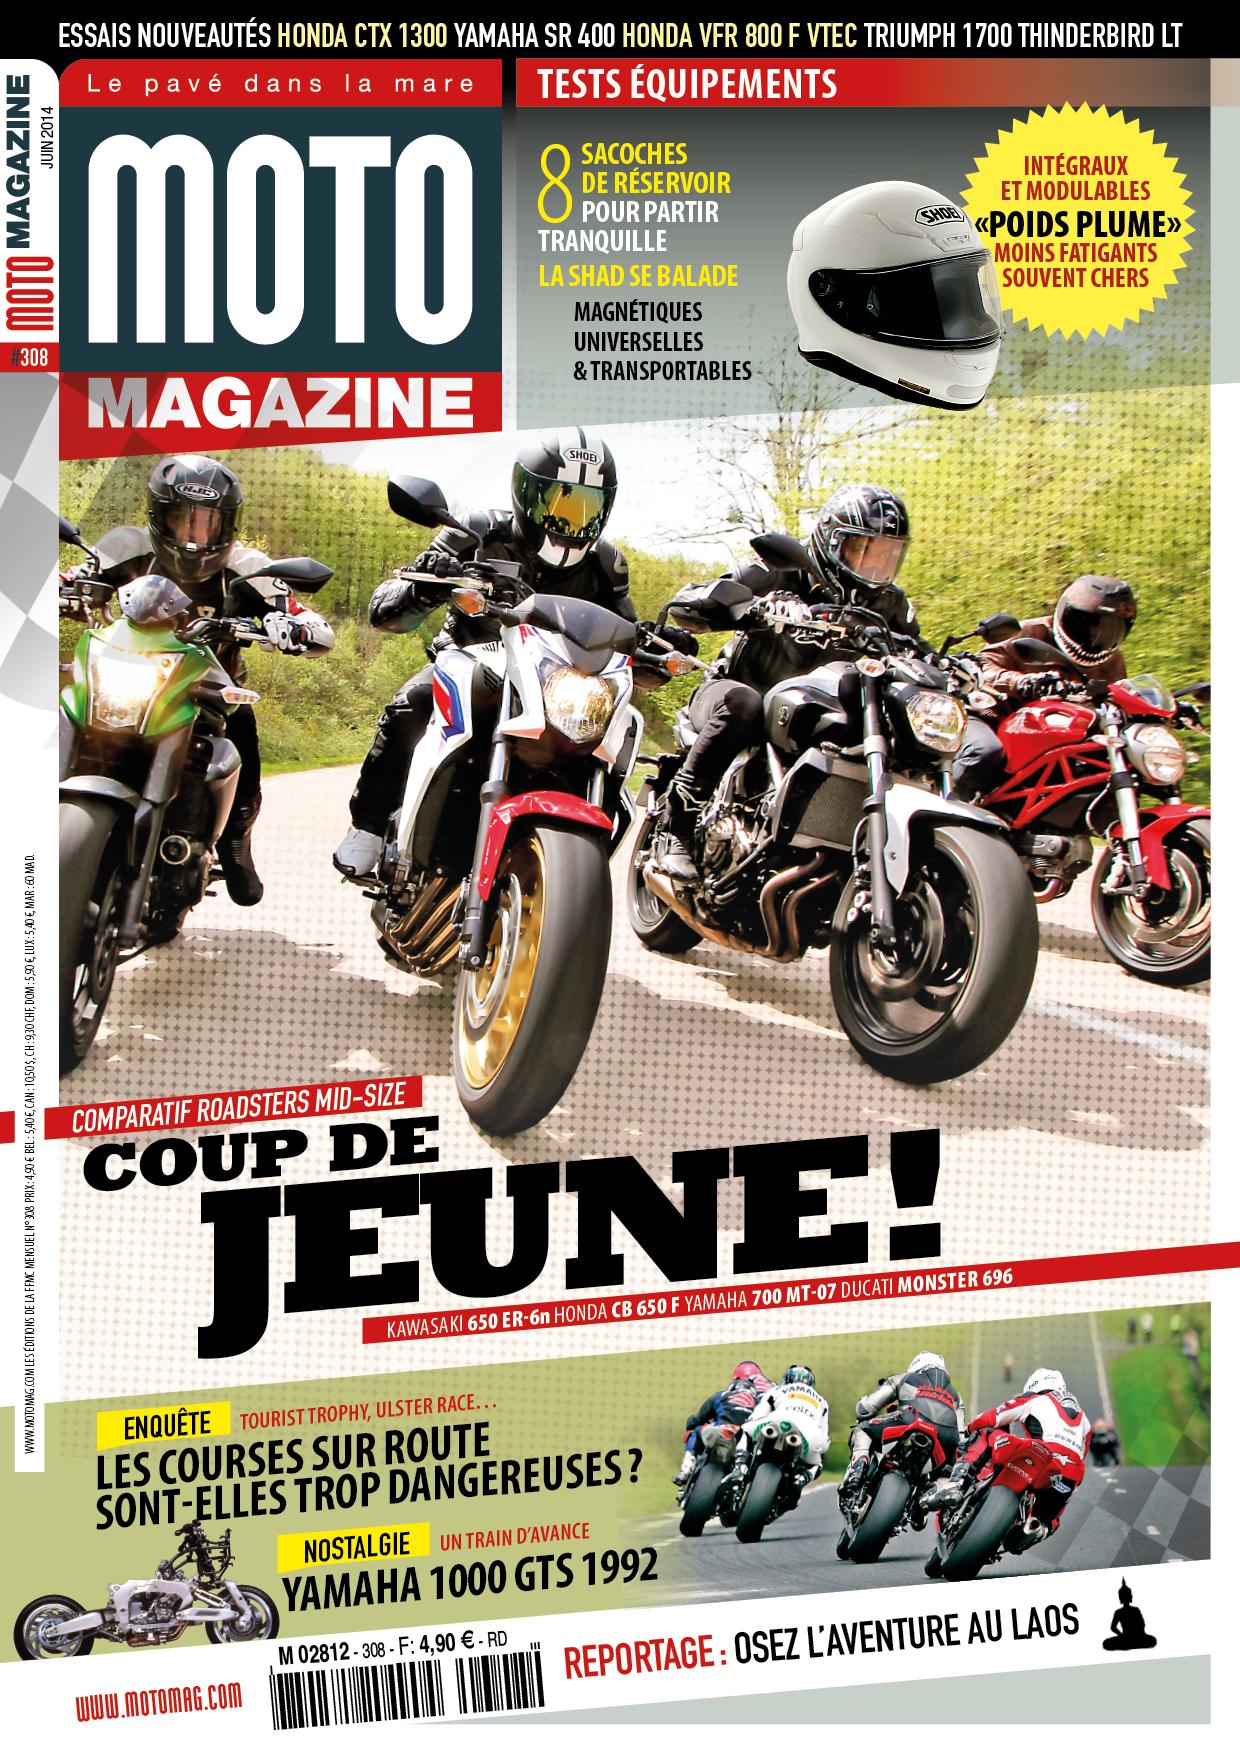 moto magazine n 308 juin 2014 moto magazine leader de l actualit de la moto et du motard. Black Bedroom Furniture Sets. Home Design Ideas